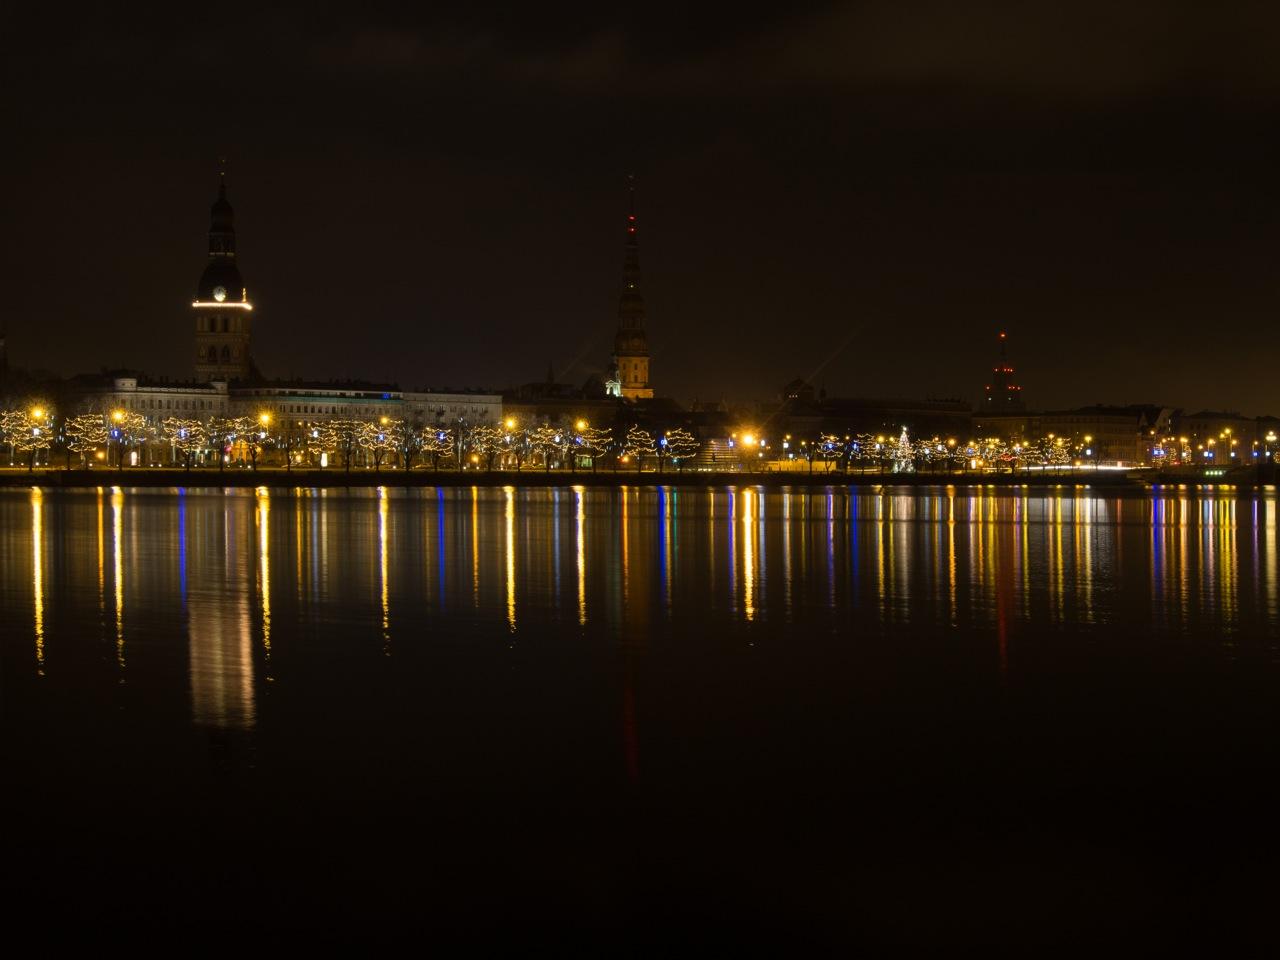 Bild: Panoramaaufnahme von Riga kurz vor Weihnachten 2013 bei Nacht von der Terrasse des SWEDBANK HOCHAUSES aus gesehen.